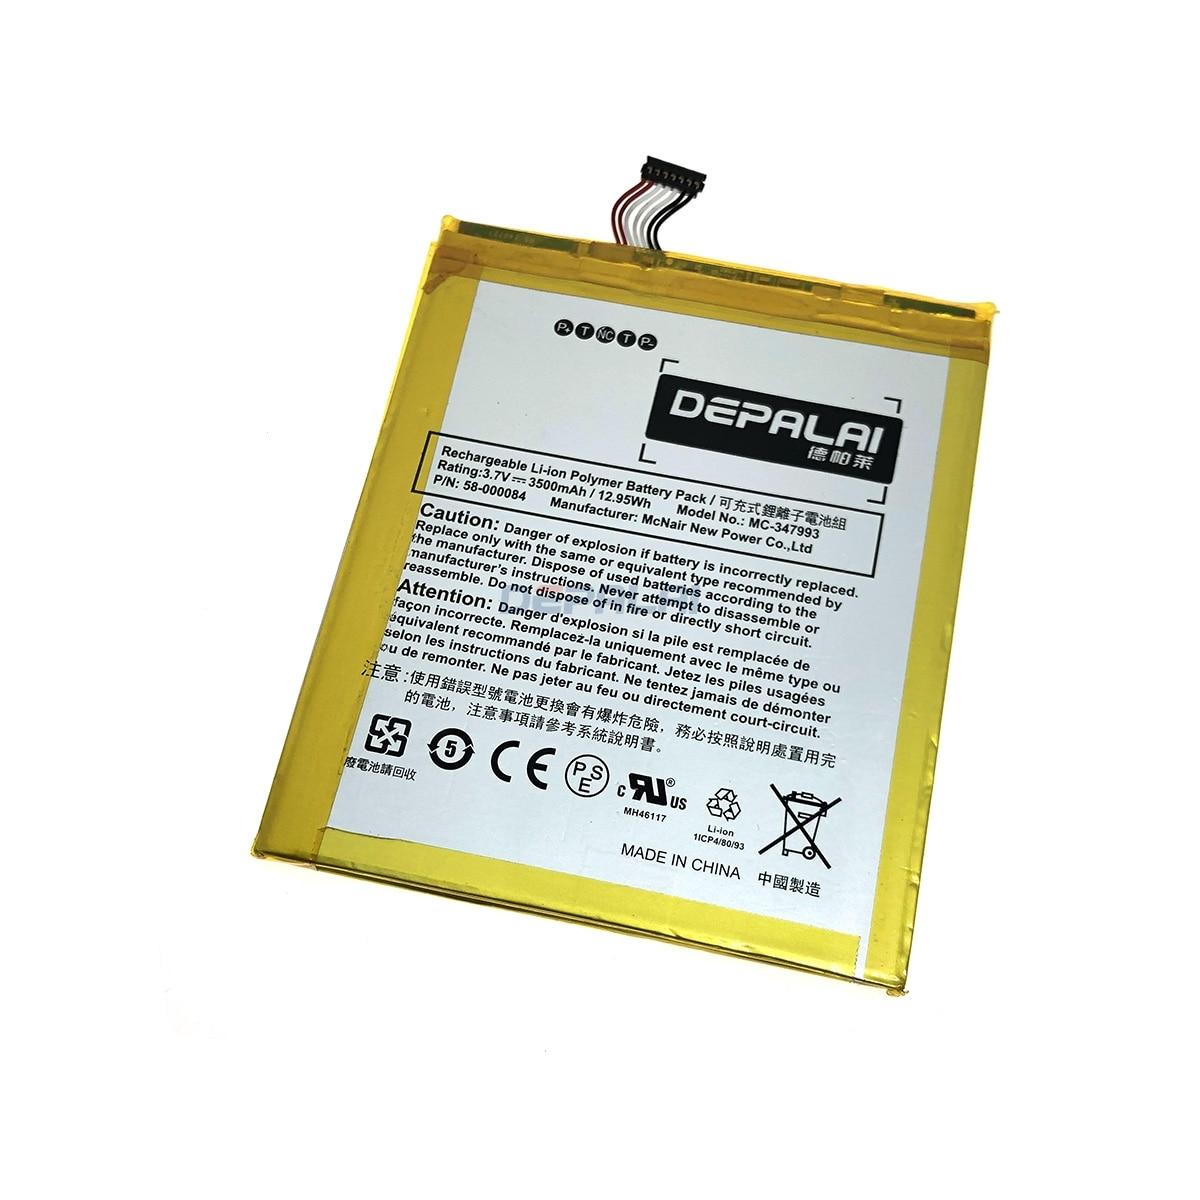 """3500mAh batería de la batería 58-000084 MC-347993 para Amazon B00IKPW0UA B00IKPYKWG para Kindle Fire HD 7 """"SQ46CW"""